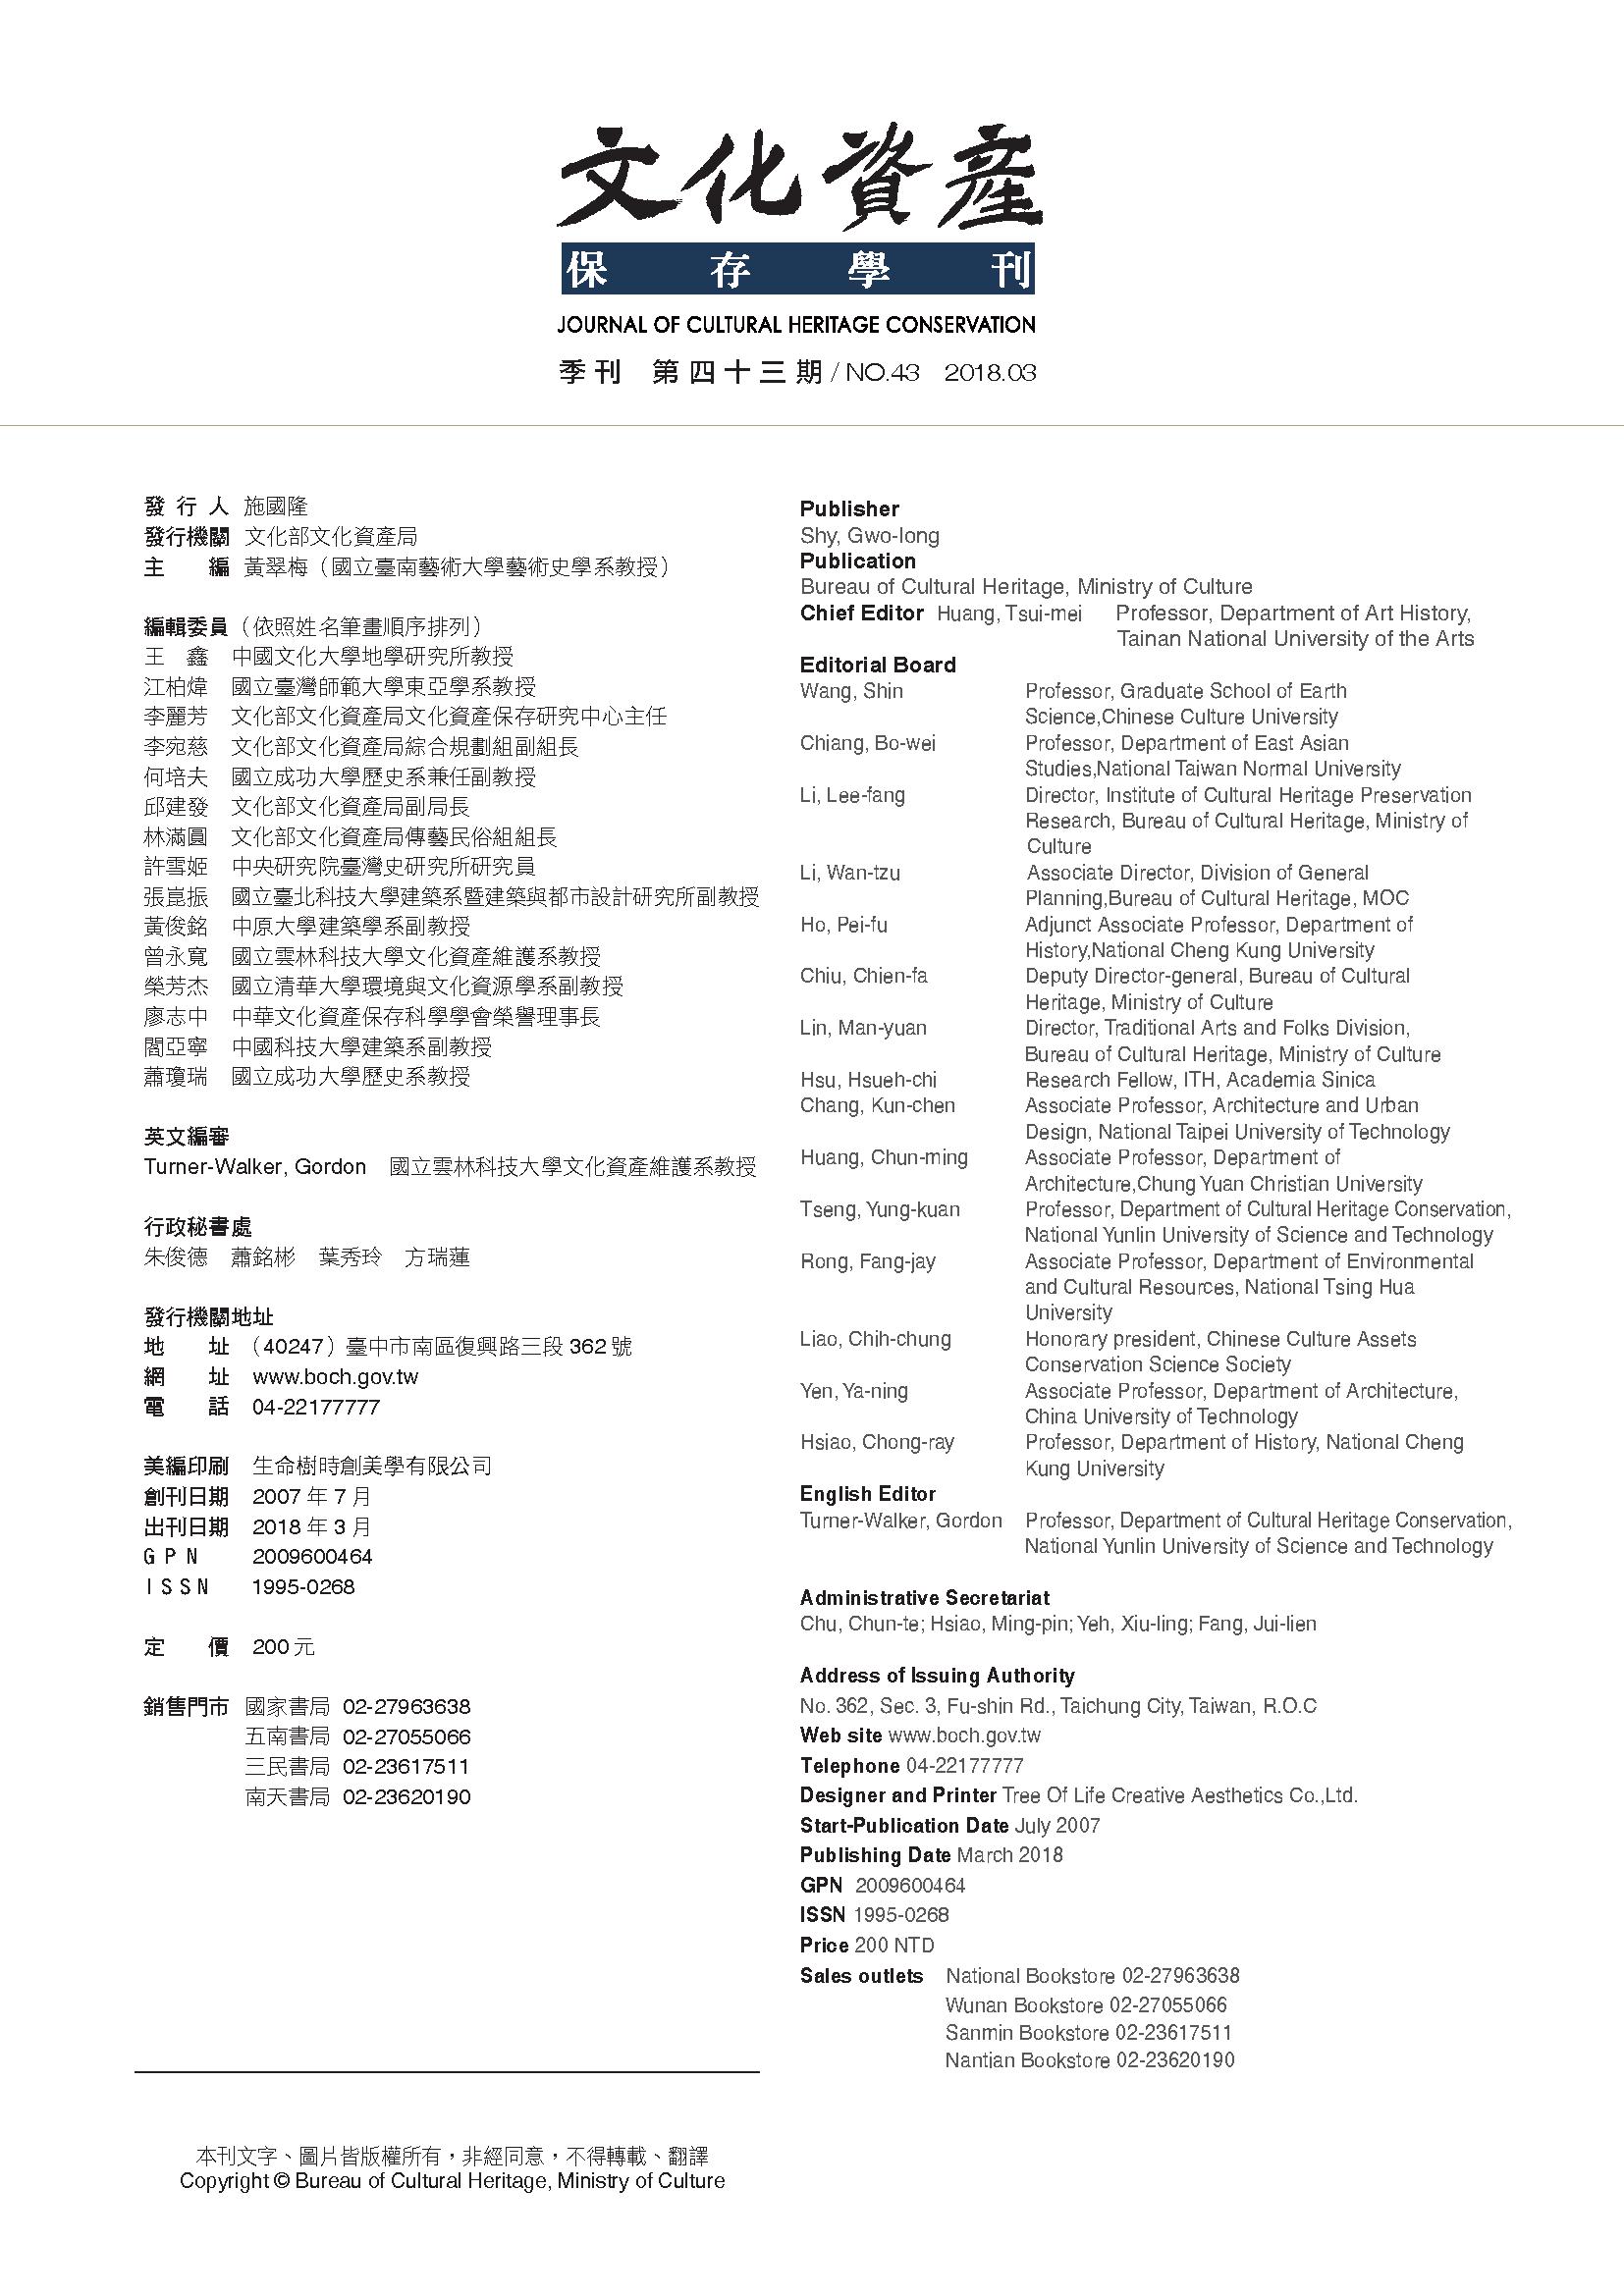 43期1-版權頁+目次_頁面_2.png